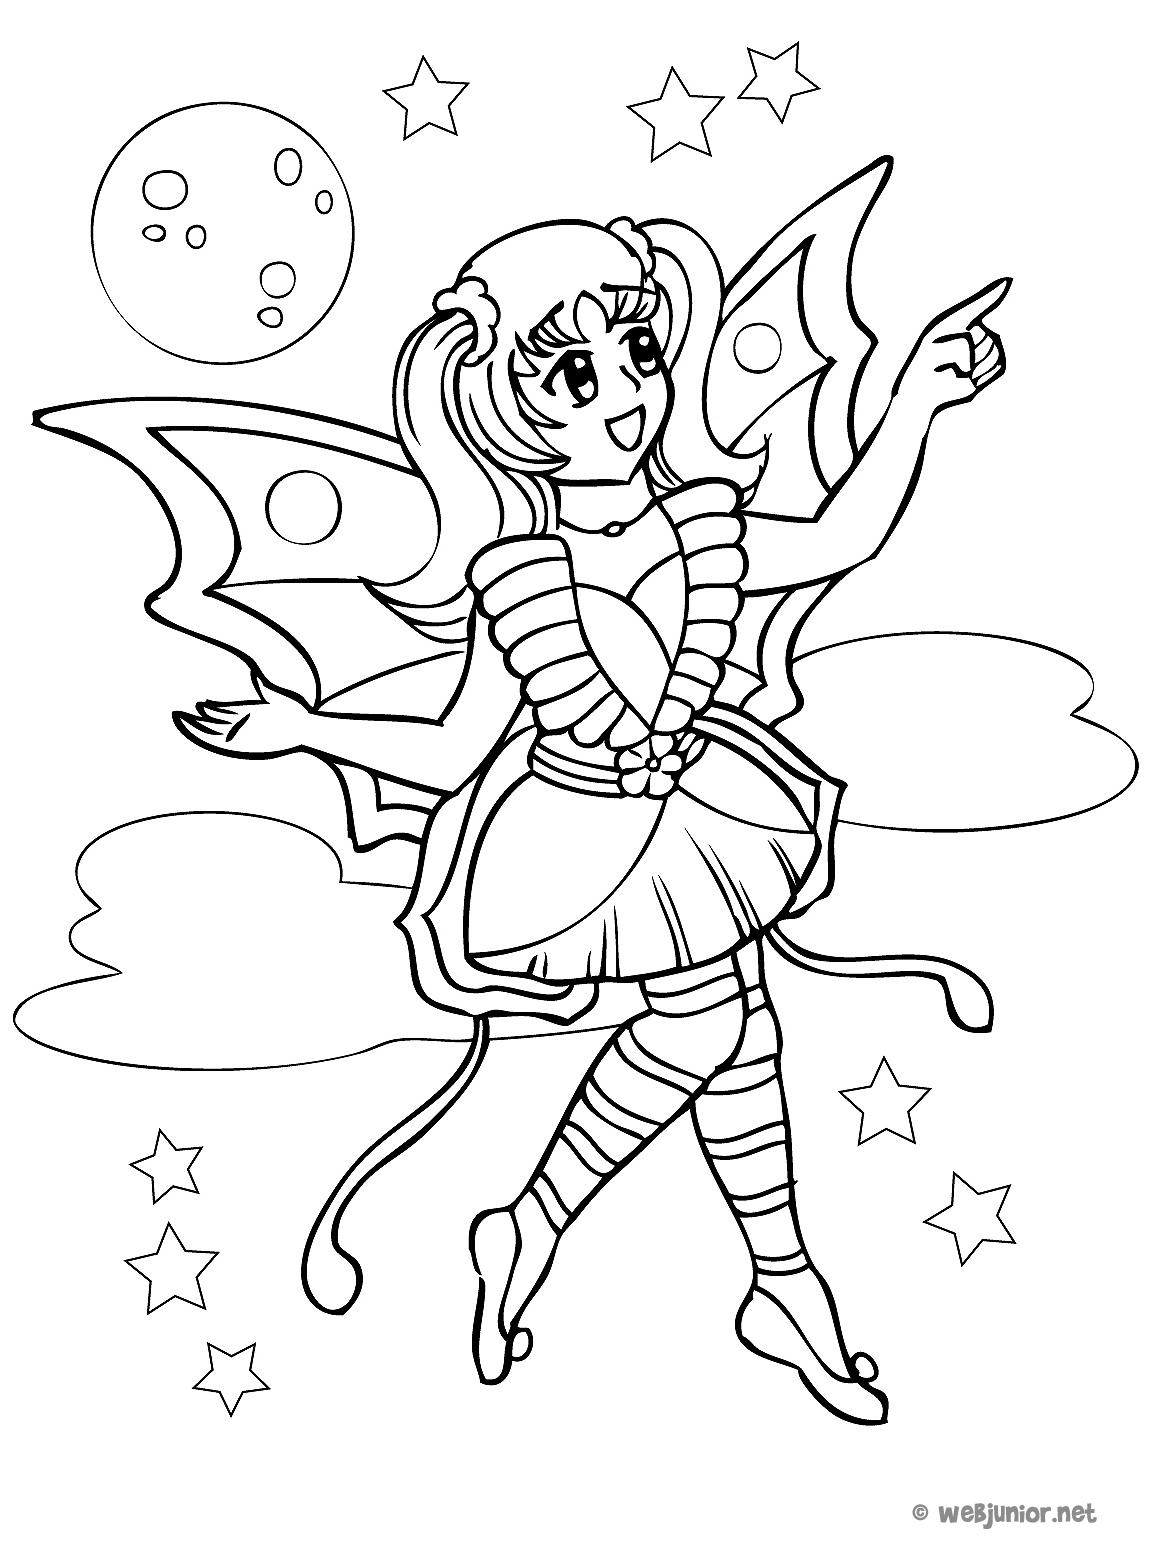 86 dessins de coloriage papillon magique imprimer - Dessin imprimer ...